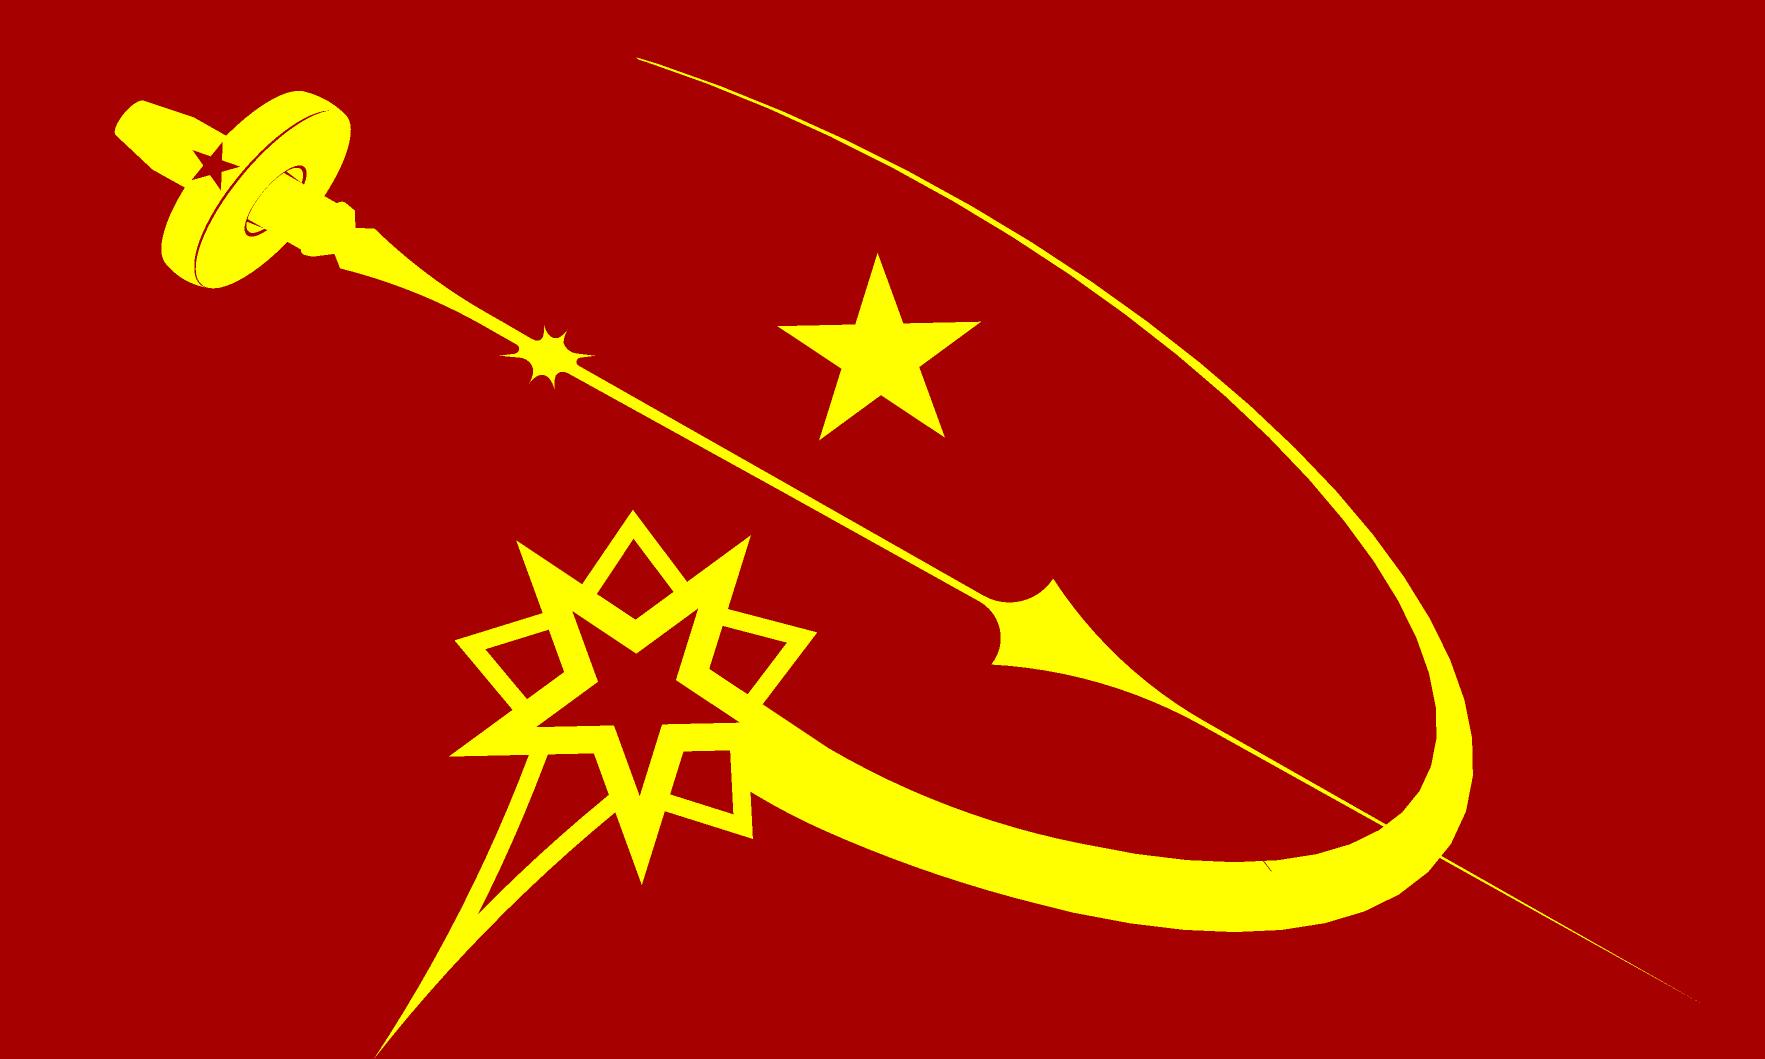 communism mars